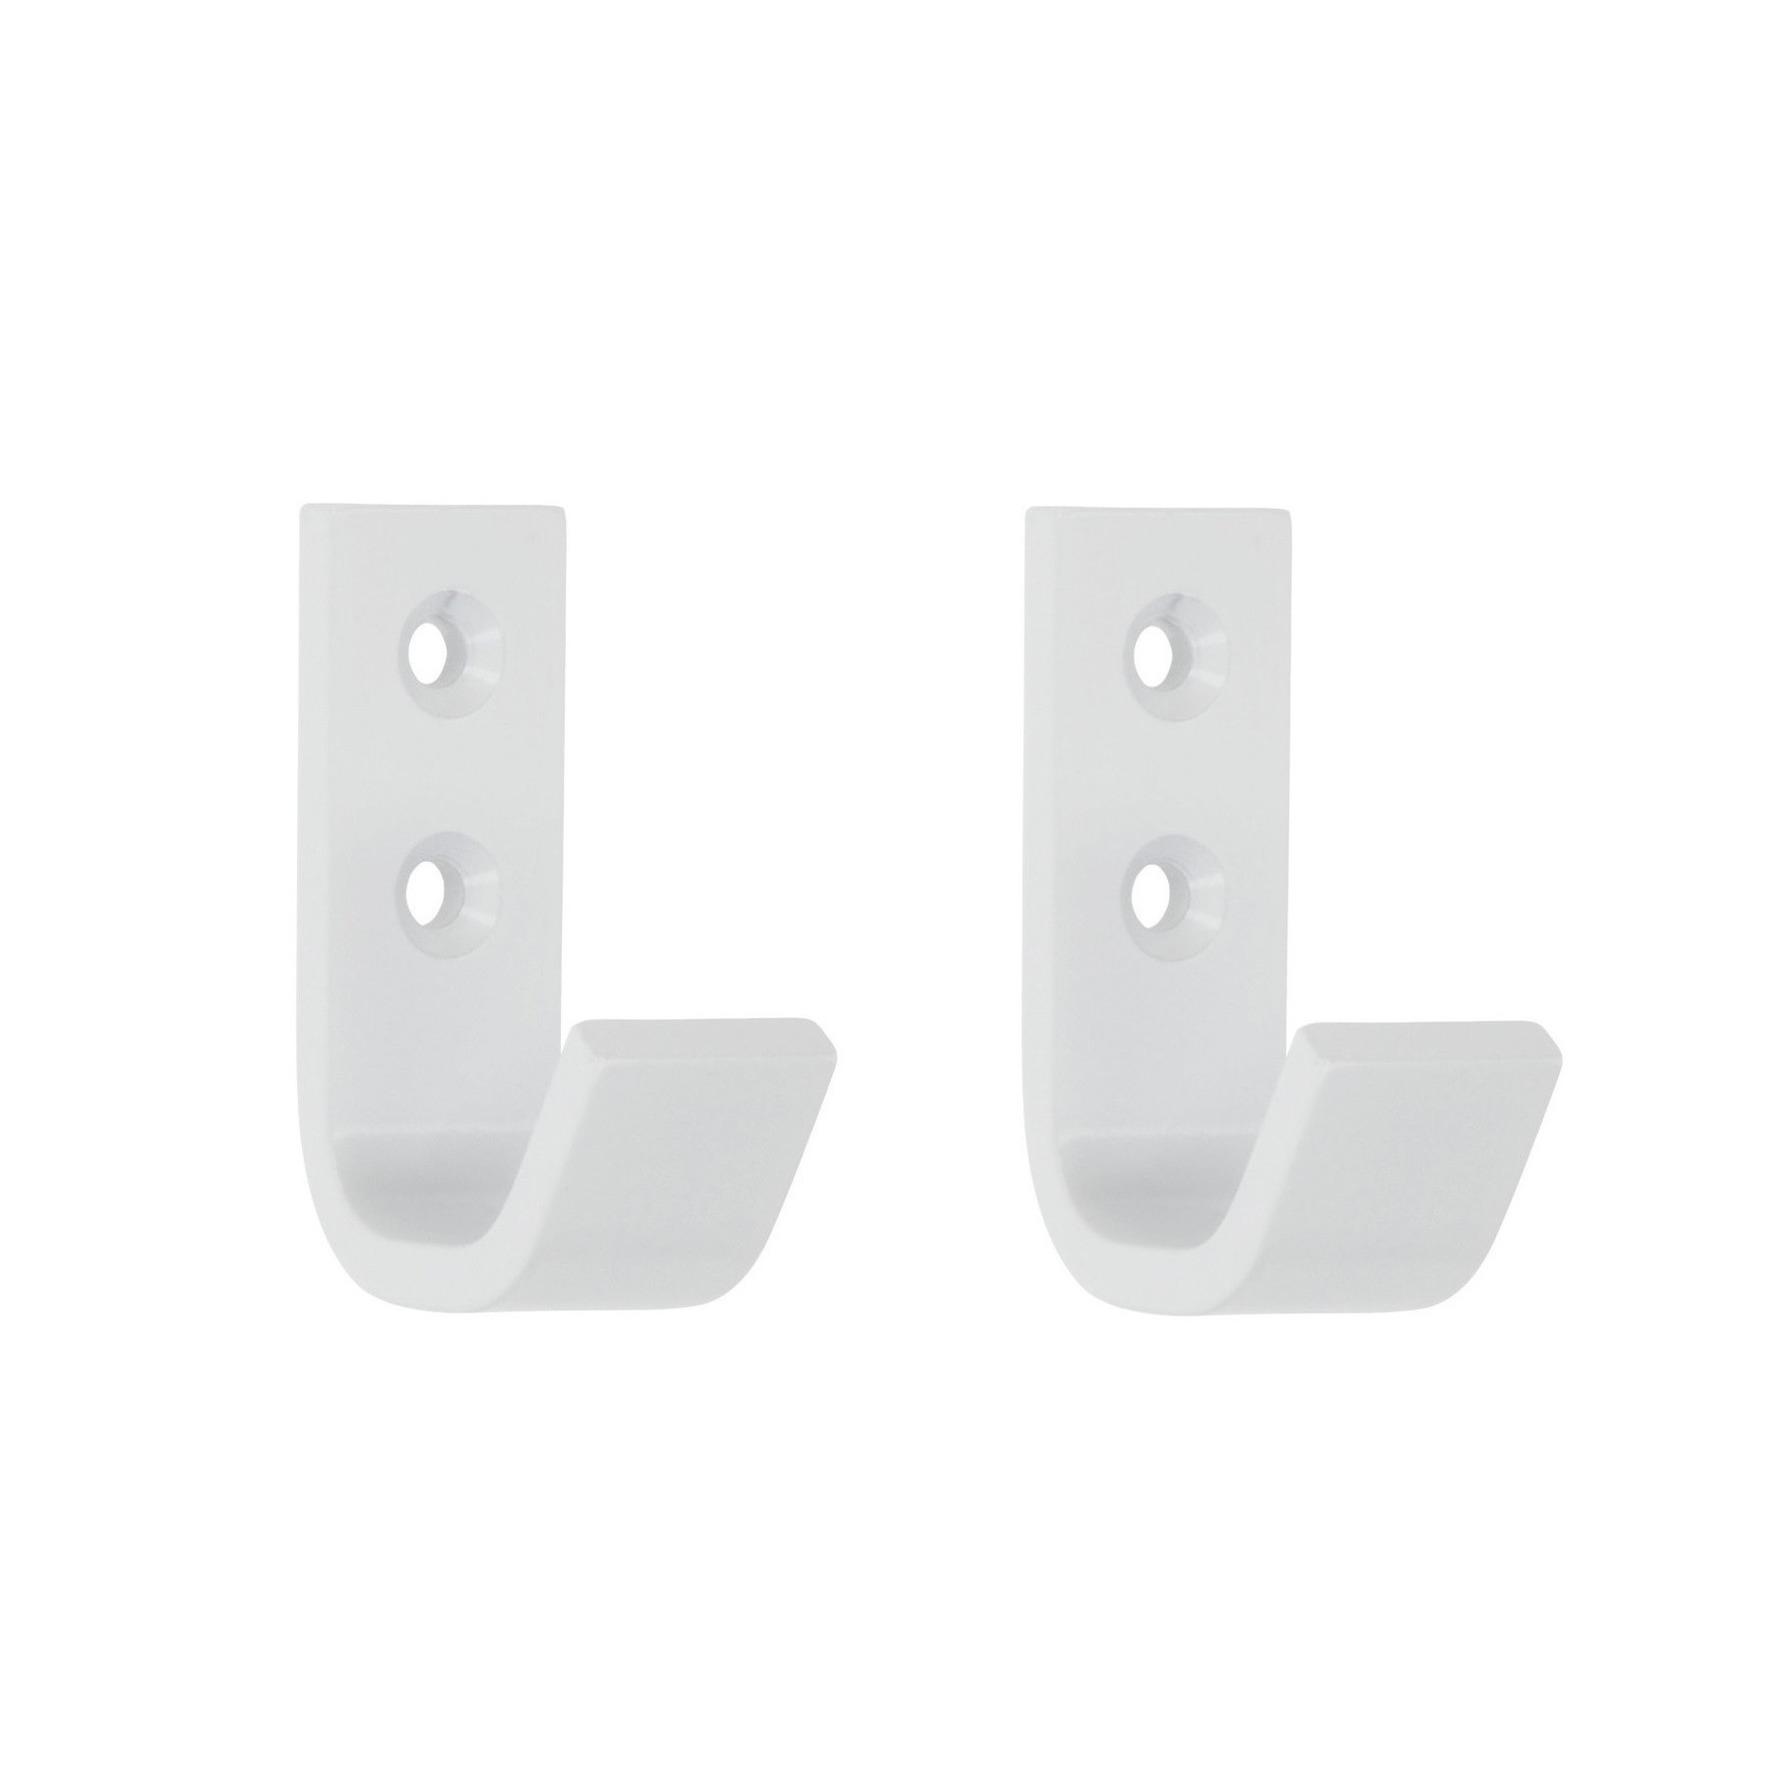 3x Luxe witte garderobe haakjes-jashaken-kapstokhaakjes hoogwaardig aluminium 5,4 x 3,7 cm